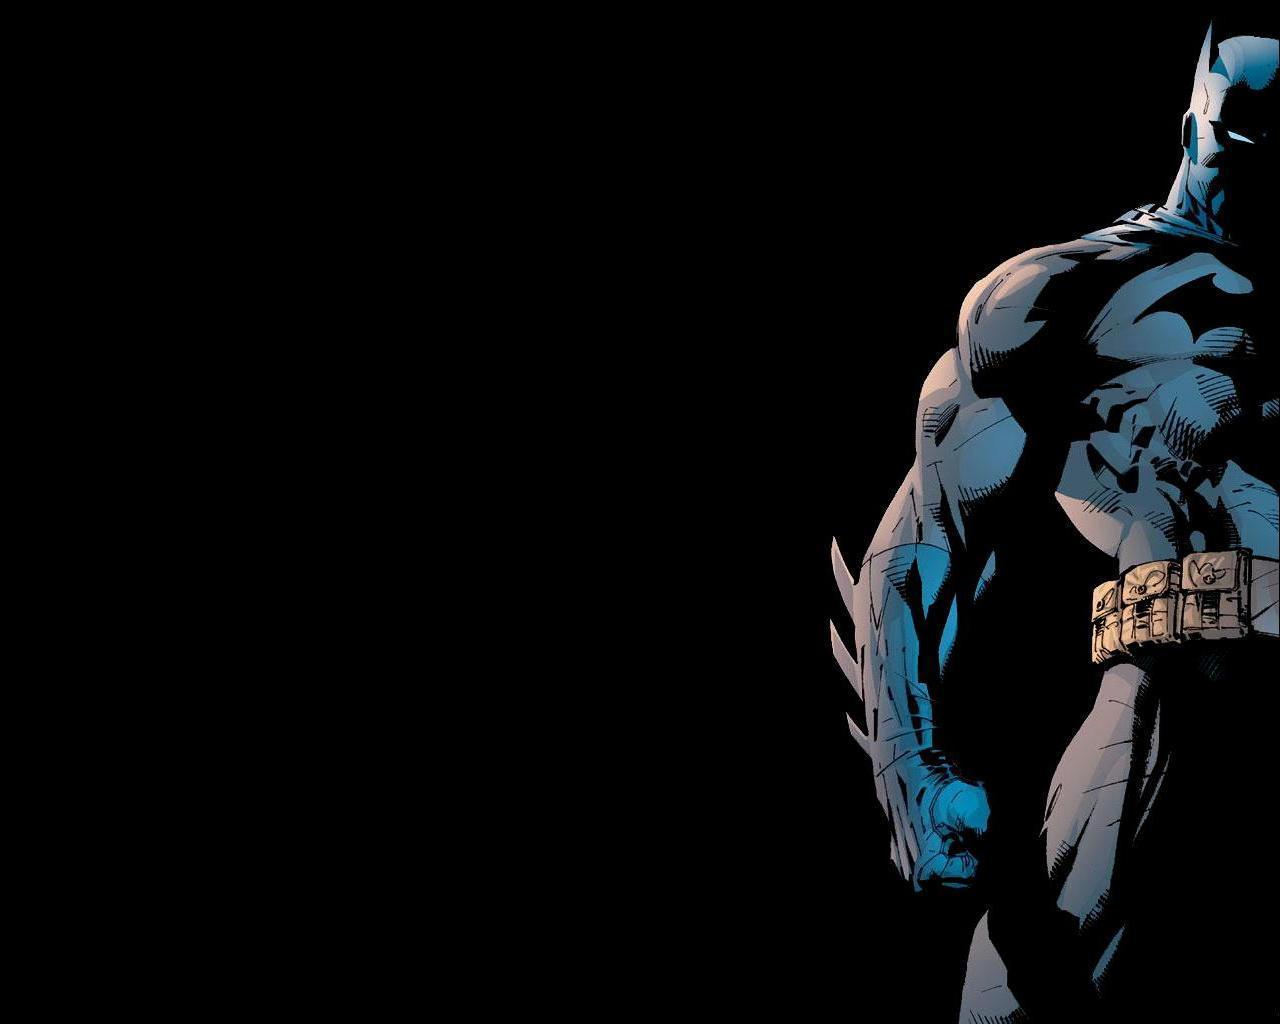 Batman   Wallpaper   Taringa 1280x1024